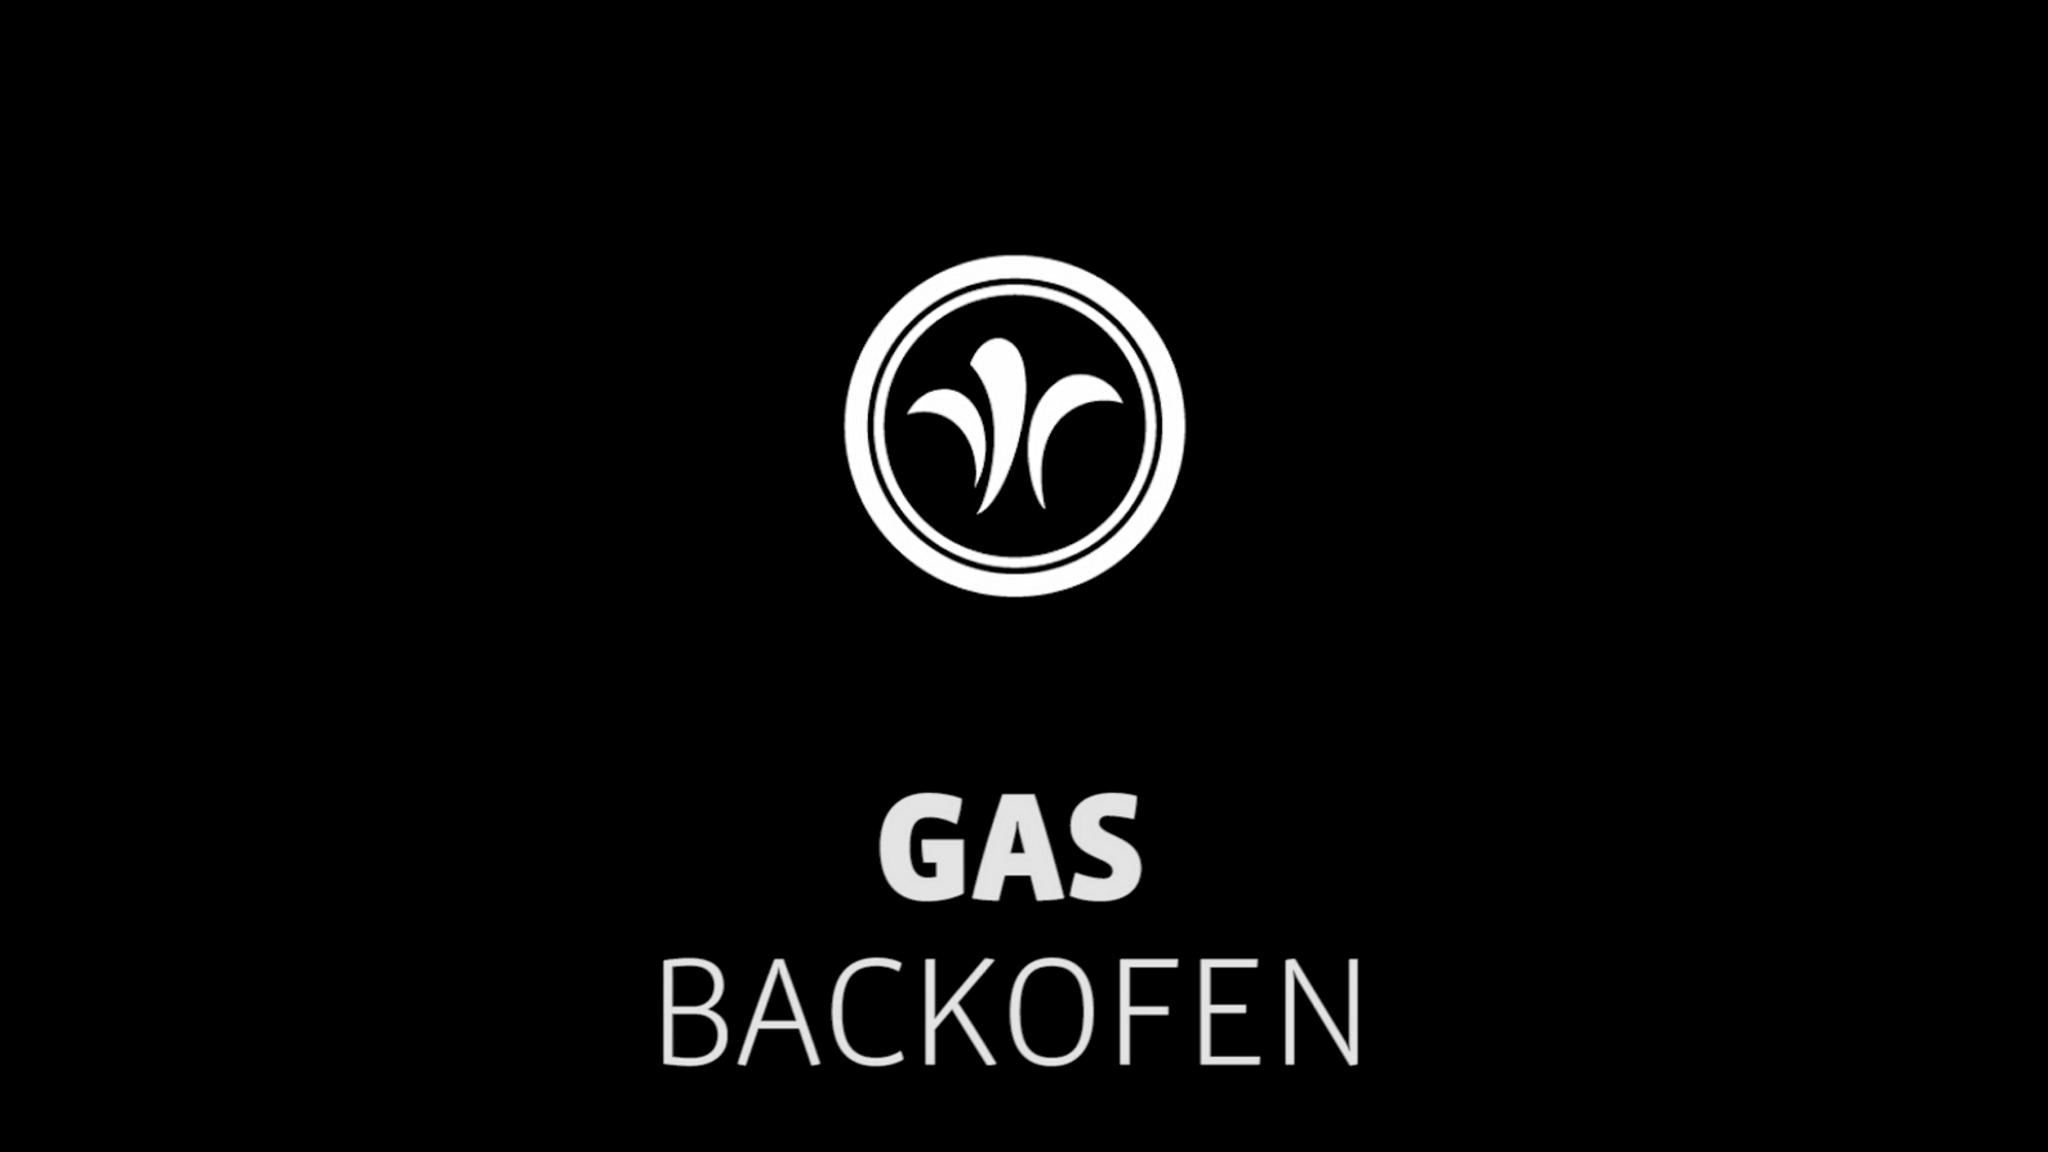 Wohnmobil Backofen // Niesmann+Bischoff – Luxus Wohnmobil (Modell FLAIR) // 2019 // G6